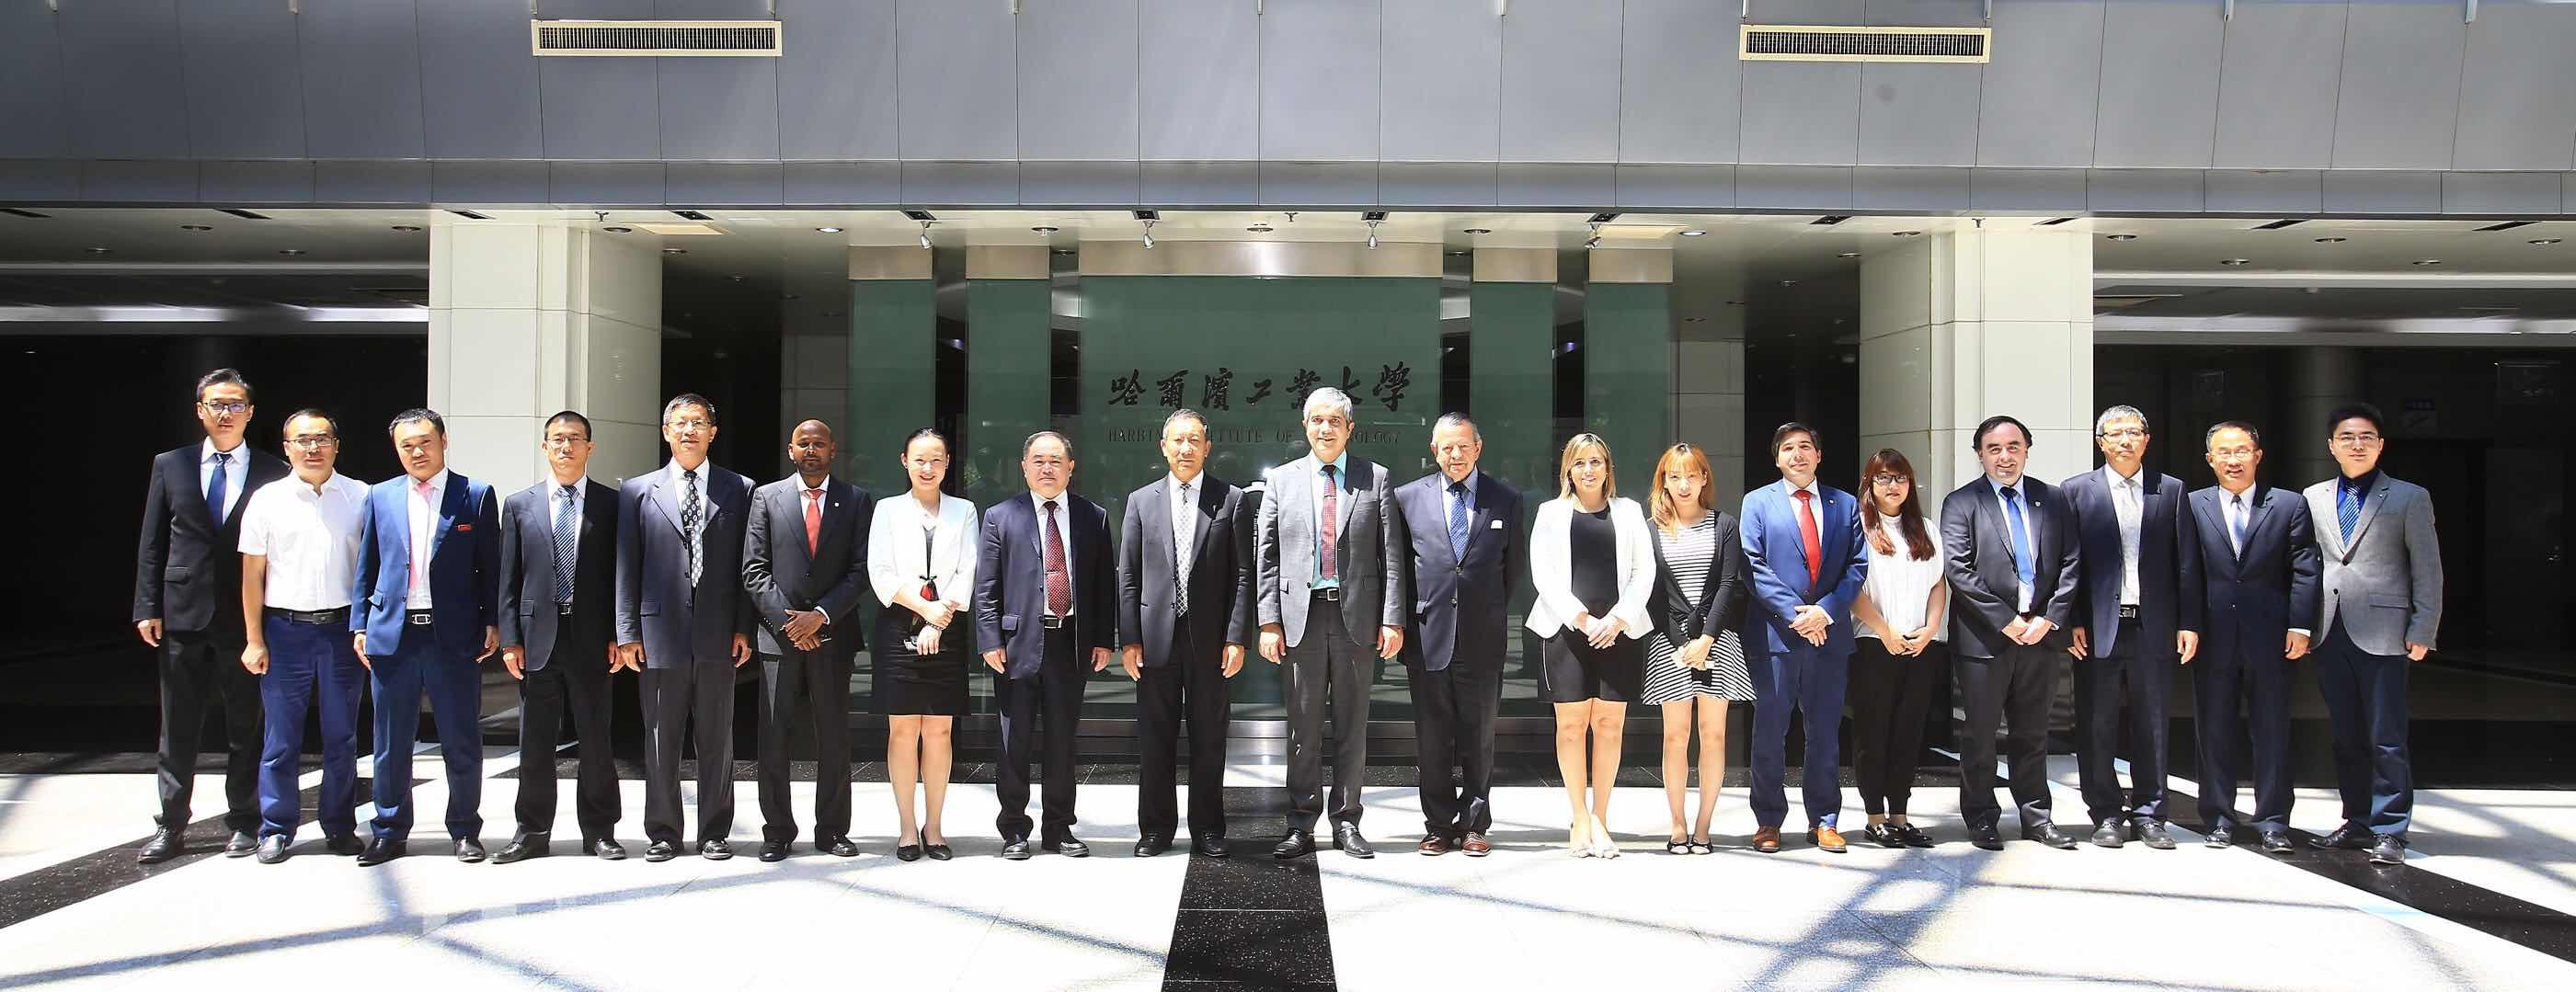 Docente de Telecomunicaciones UdeC participó en acuerdo para establecimiento de laboratorio en conjunto entre China y Chile